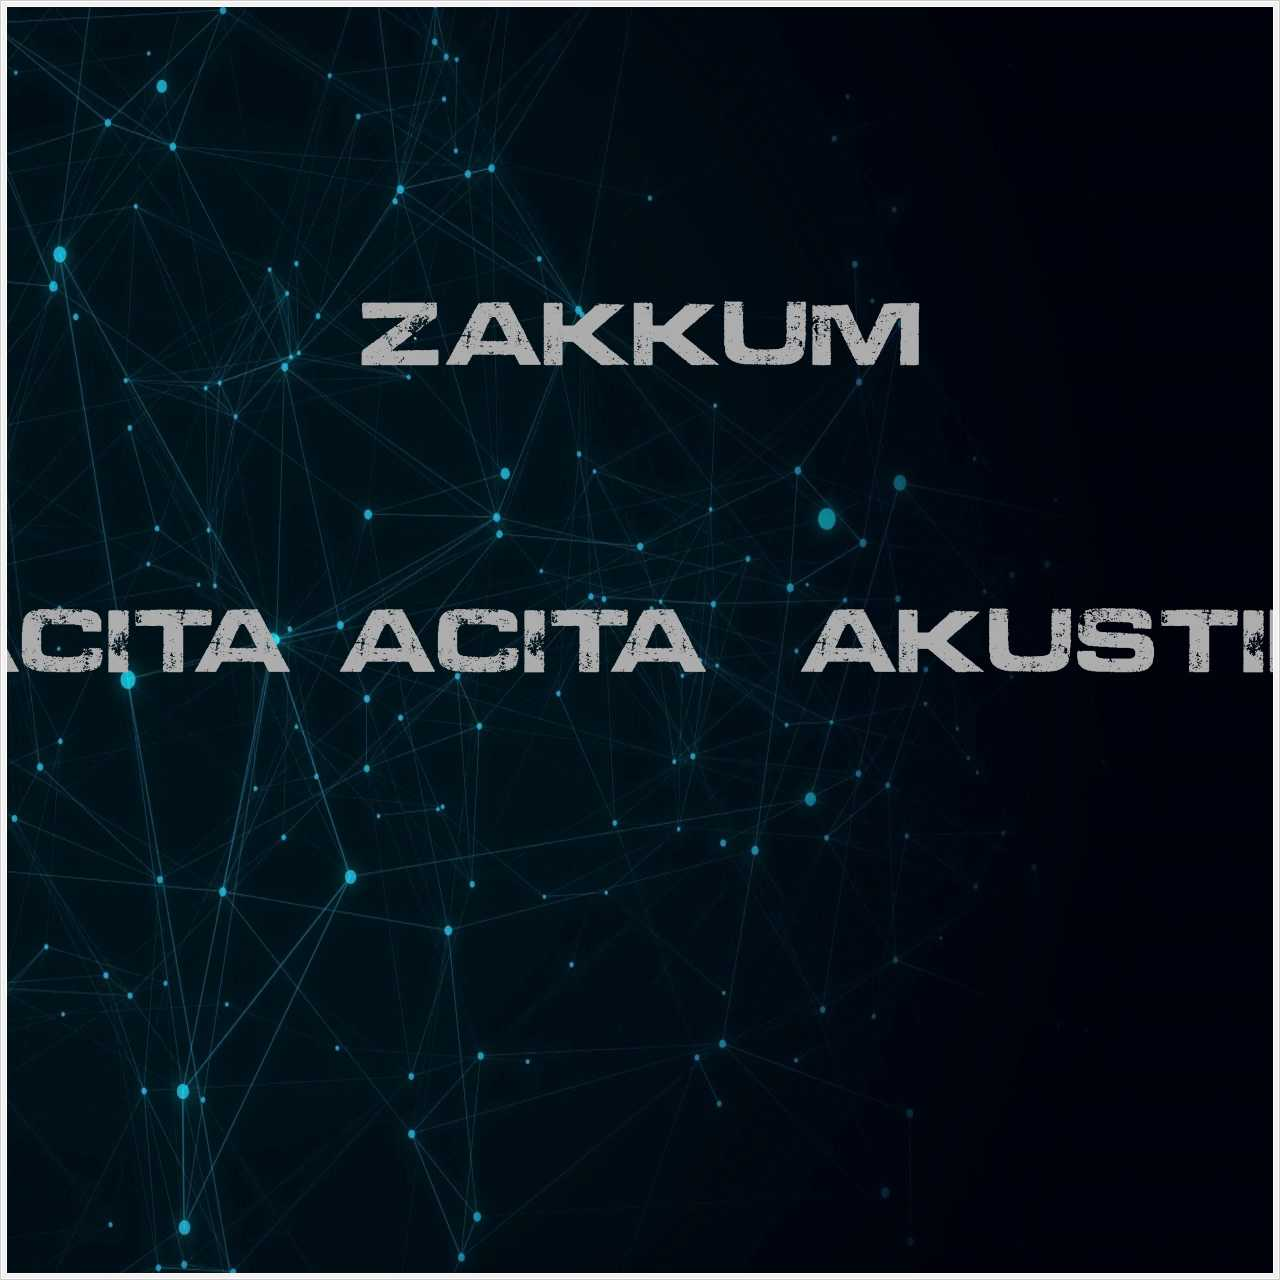 دانلود آهنگ جدید Zakkum به نام Acıta Acıta (Akustik)